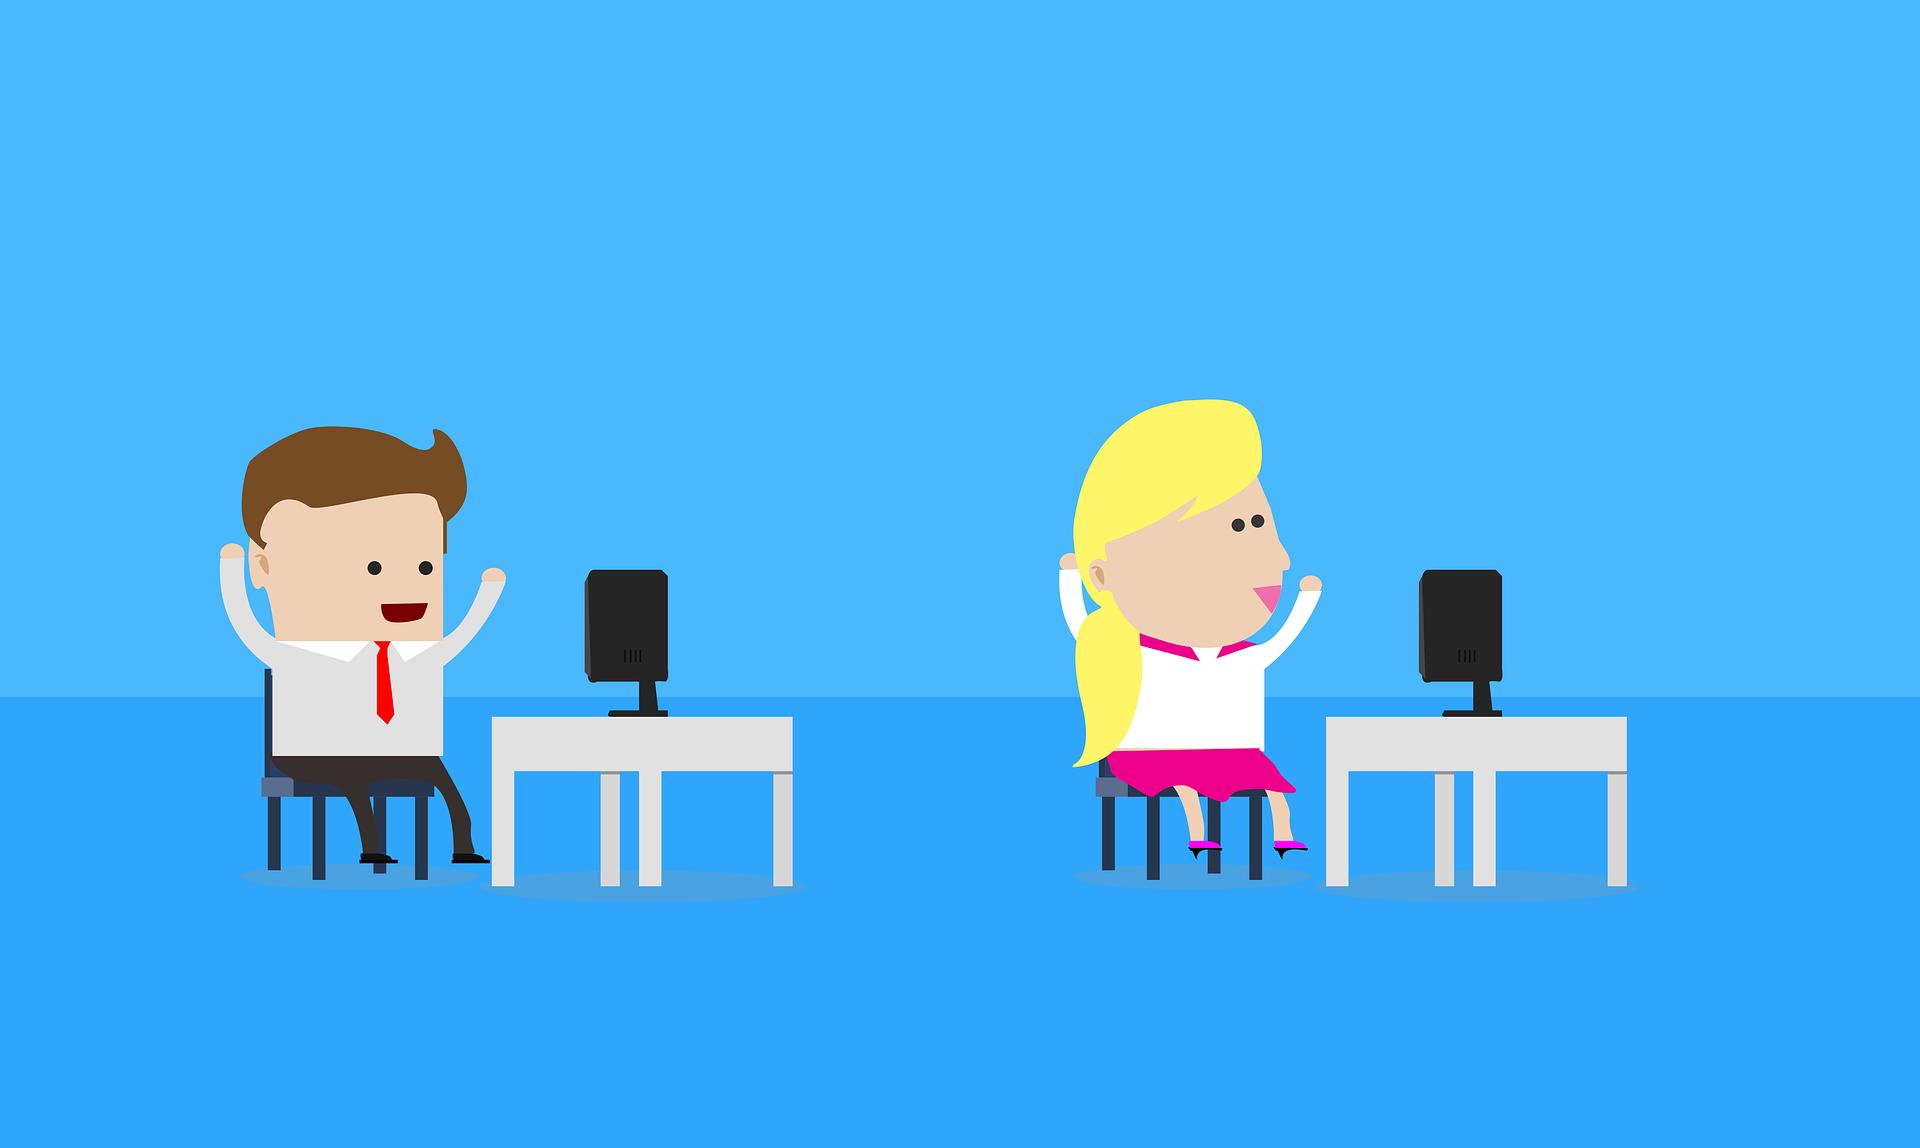 Plėtojant jauną verslą – pasirūpink efektyvia komunikacija ir finansais